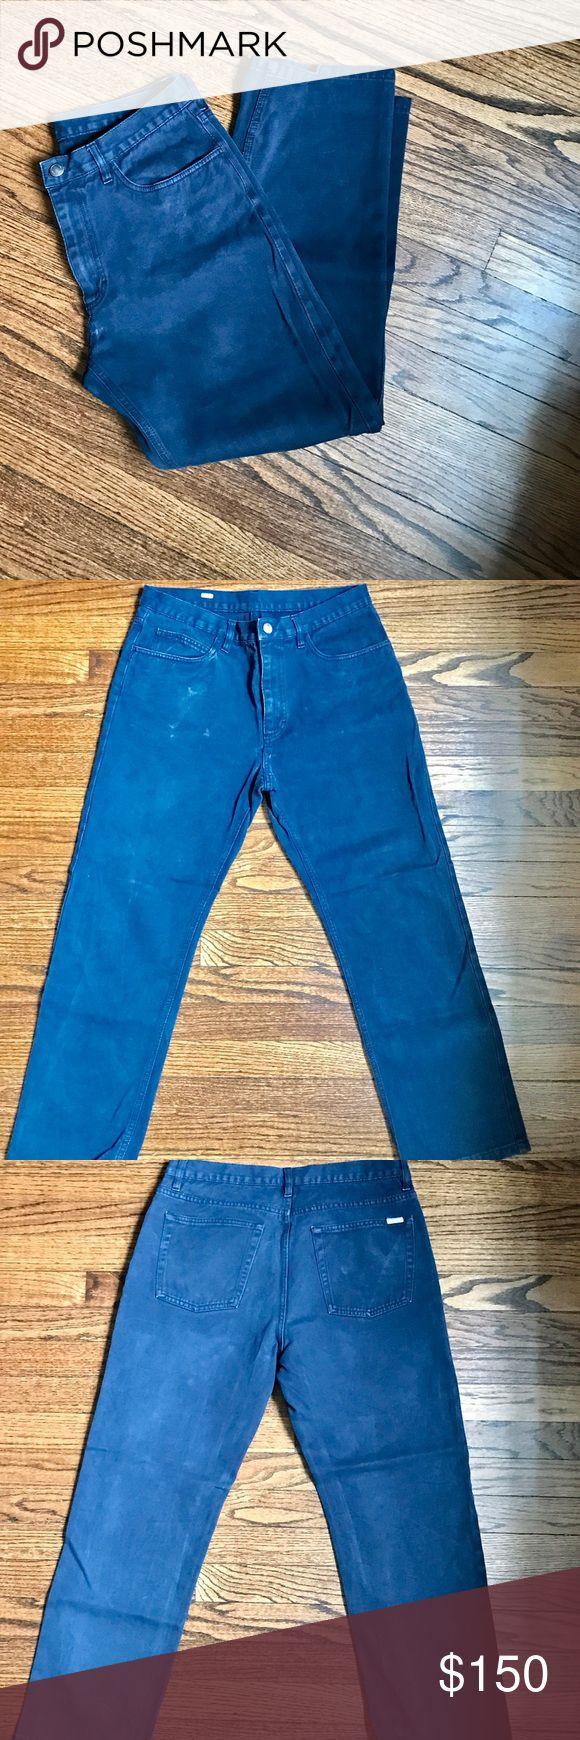 Loro Piana Men's Jeans Dark Blue Sz 33 Loro Piana Men's Five Pocket Jeans Dark Blue 100% Cotton Size 33 retail $595 Loro Piana Jeans